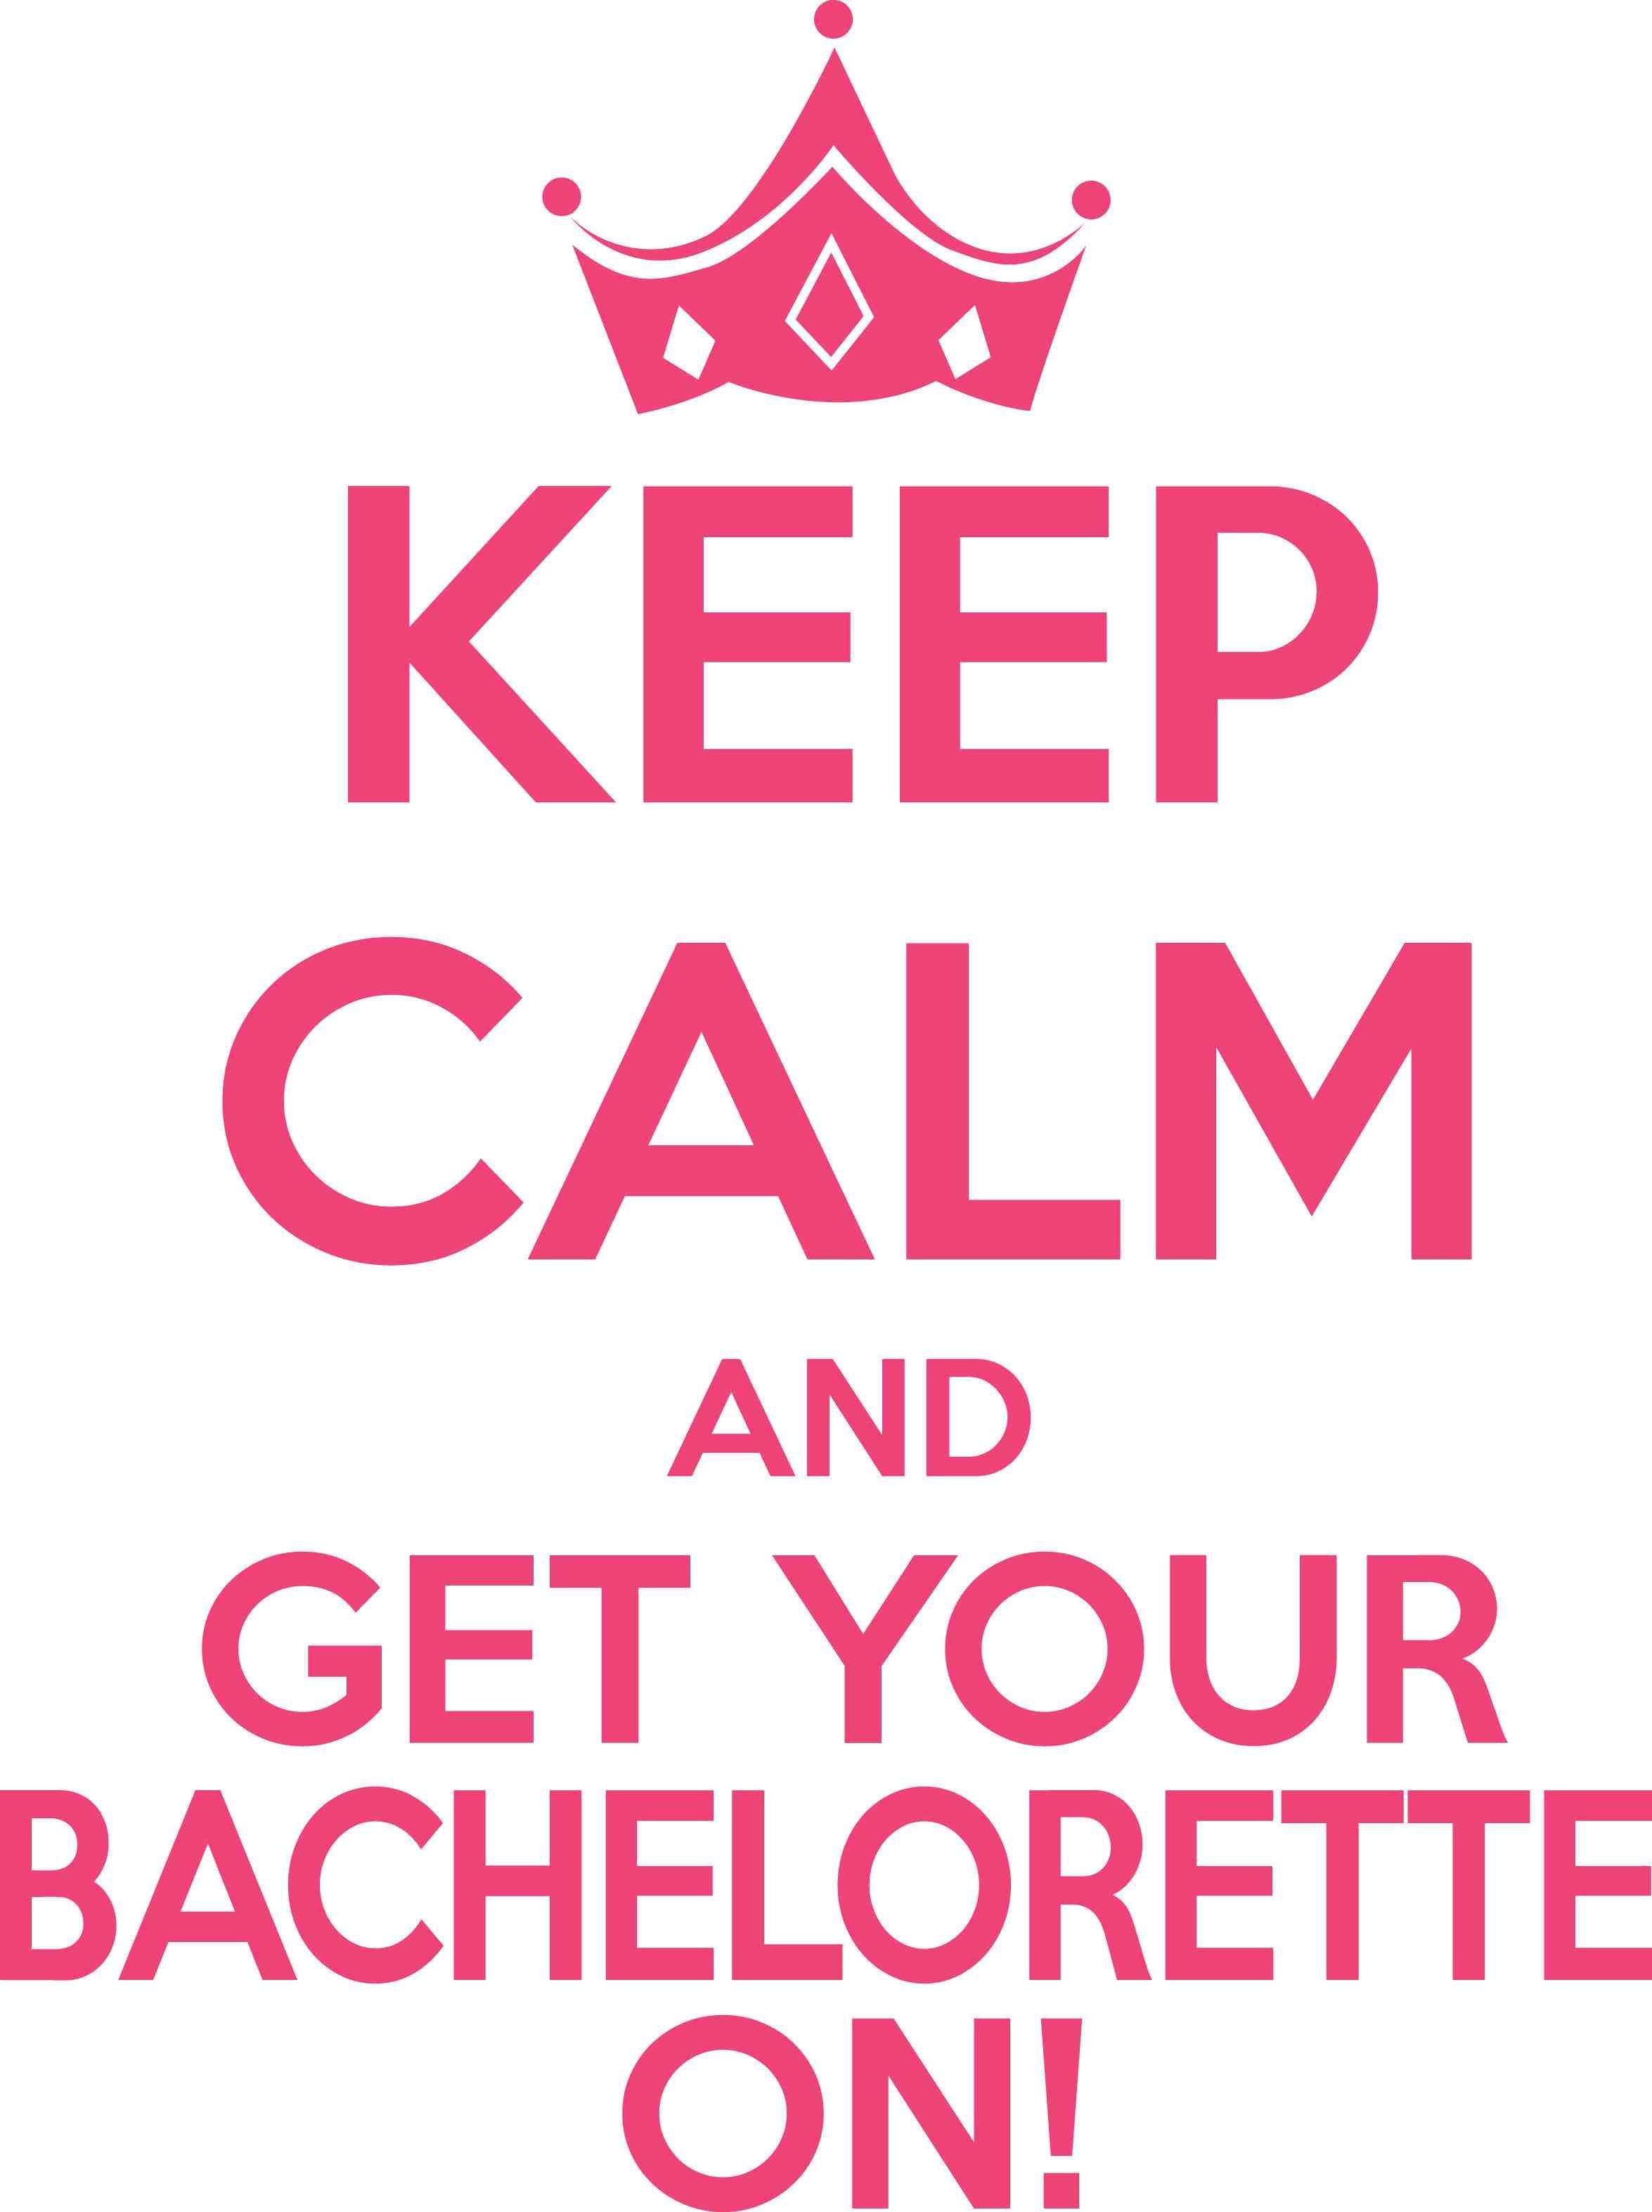 Amen ladies! | Bachelorette quotes, Bachelorette party ...